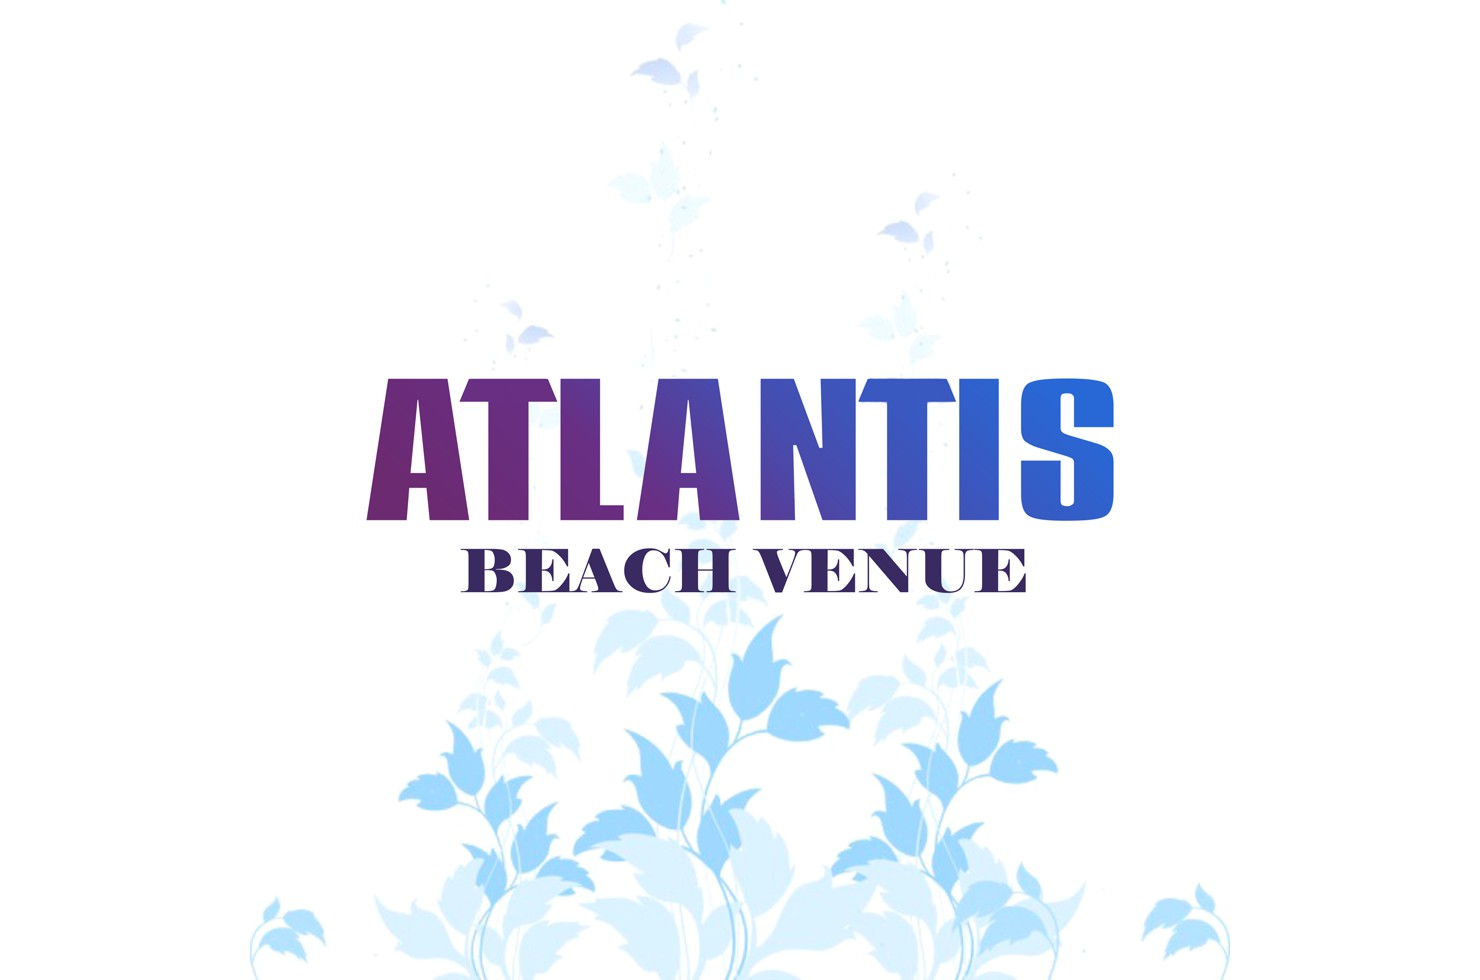 Atlantis Beach Venue Kavos Corfu - Kavos Full Moon Party - Super Paint Party Kavos - Mega Foam Party